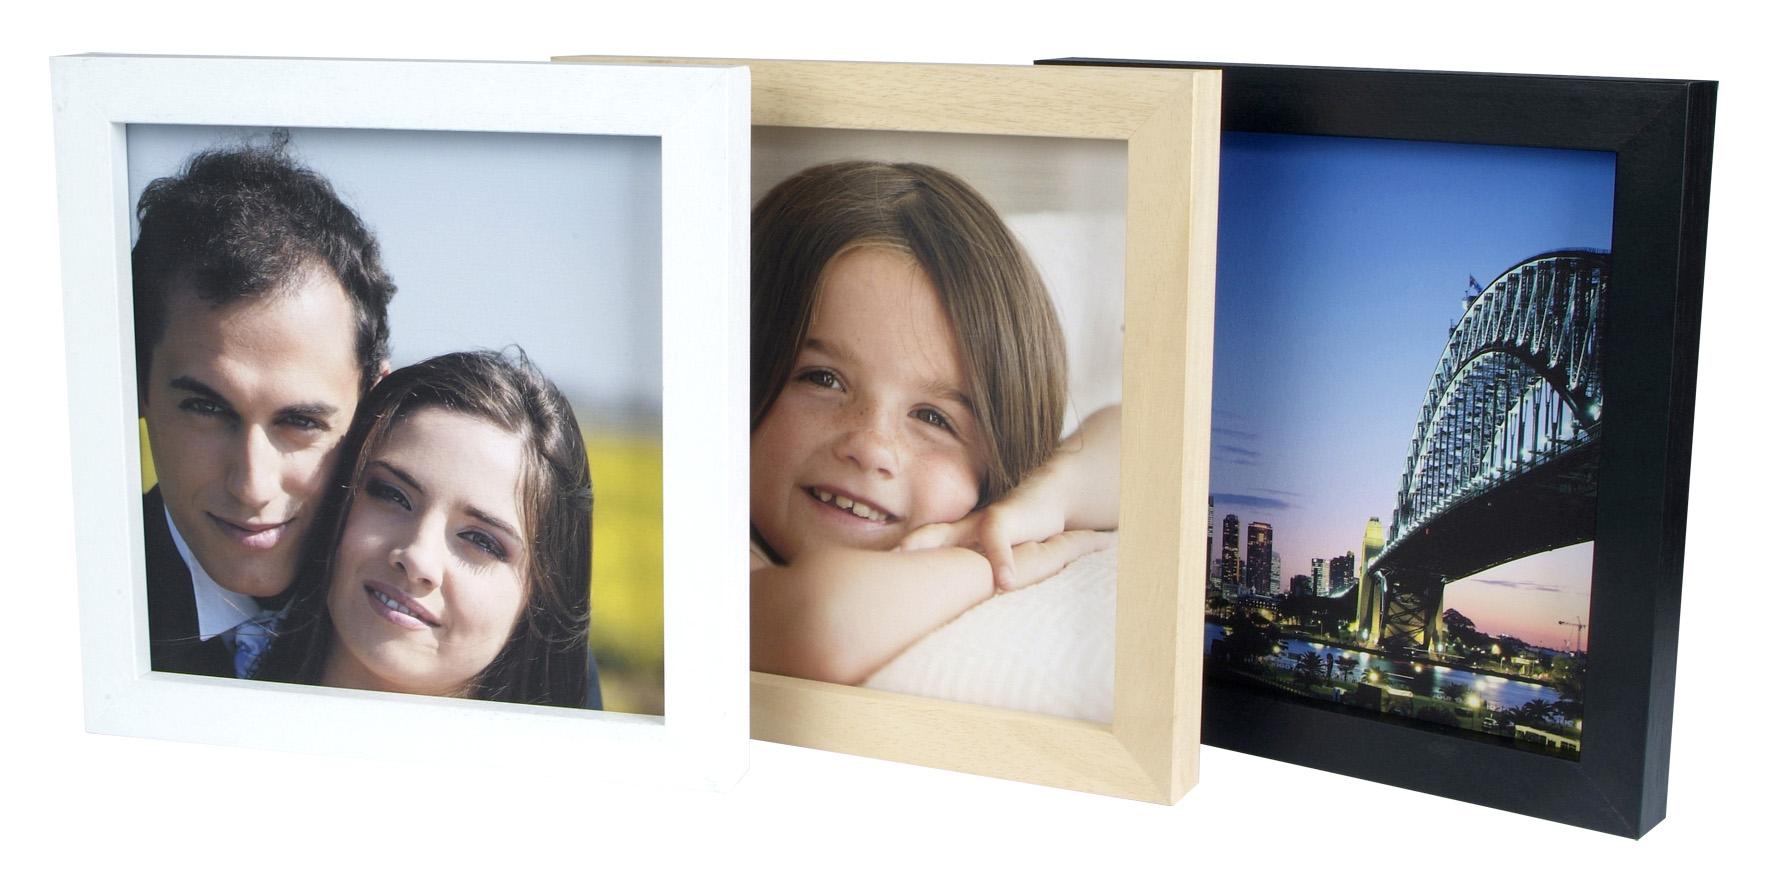 D corer son int rieur avec des photos sur toile - Decorer son interieur ...